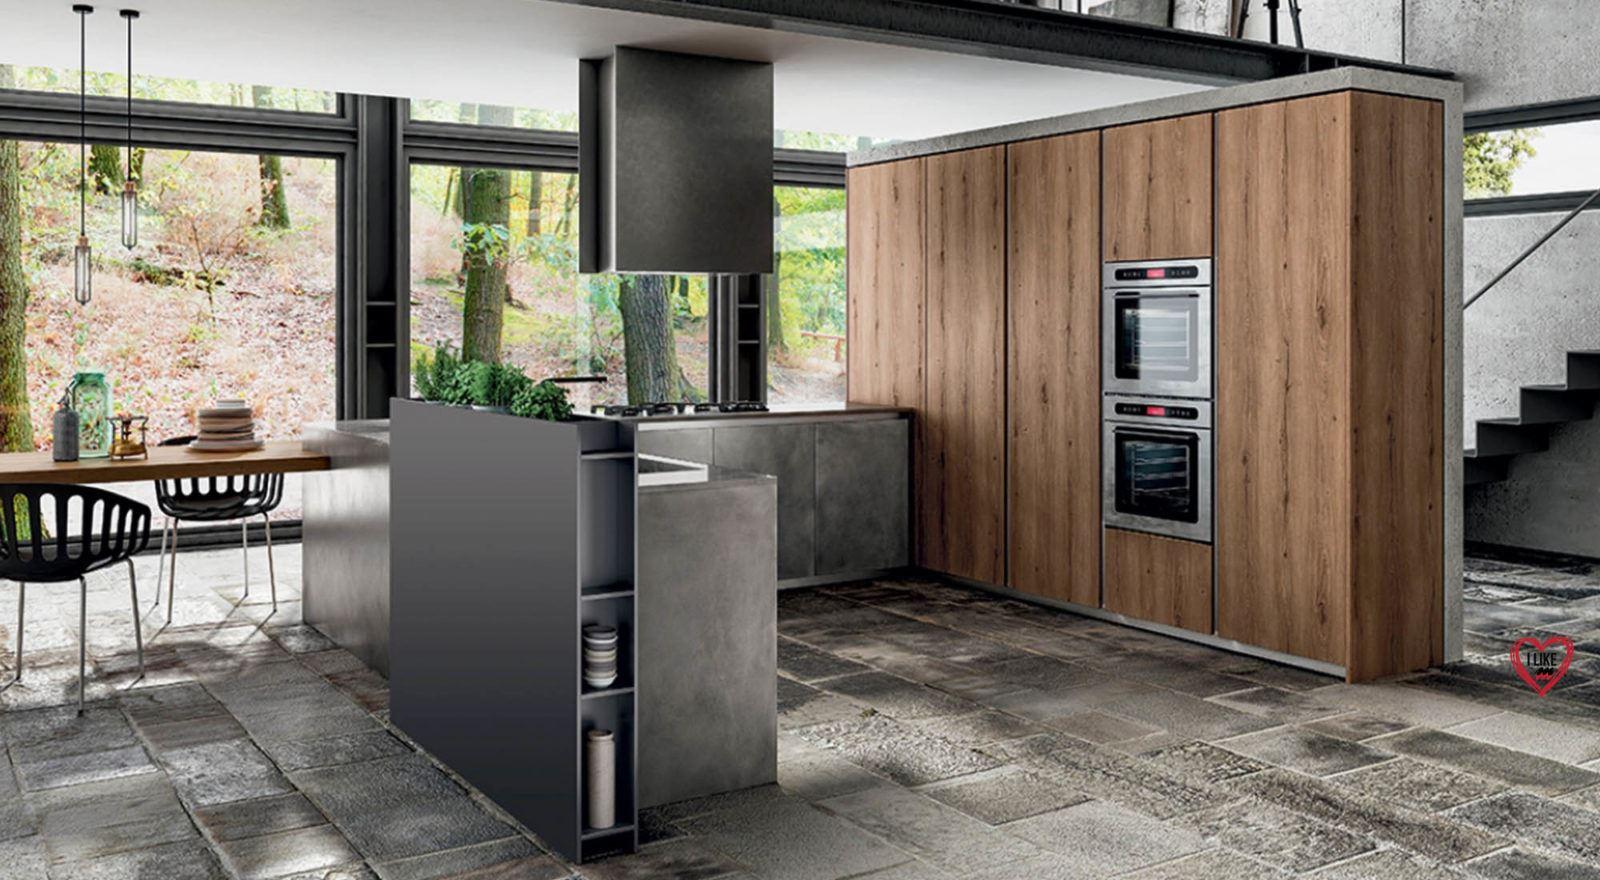 Cucina Design Moderno Arredamenti Meneghello